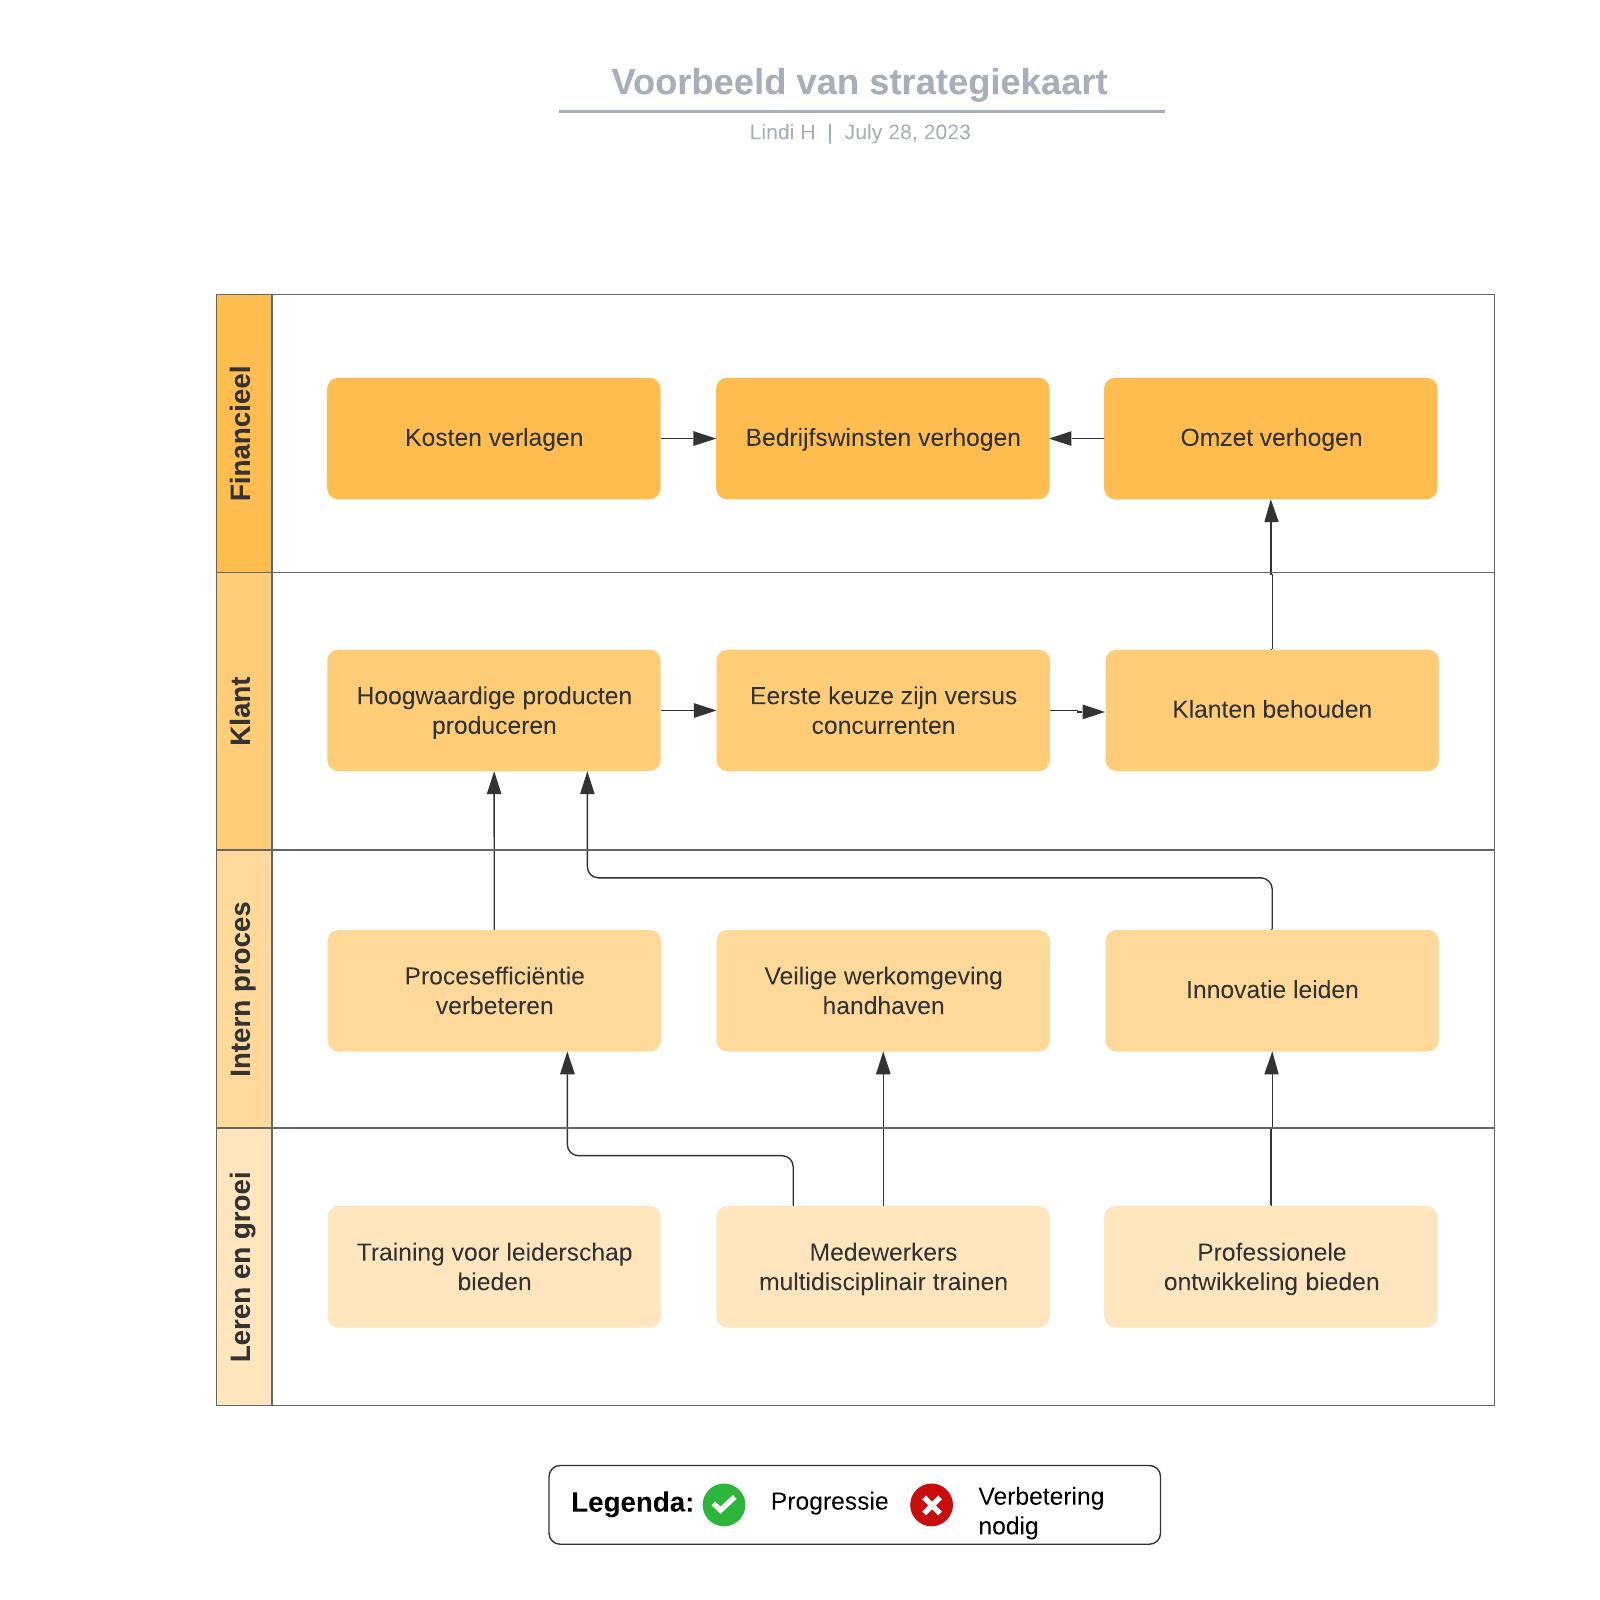 Voorbeeld van strategiekaart